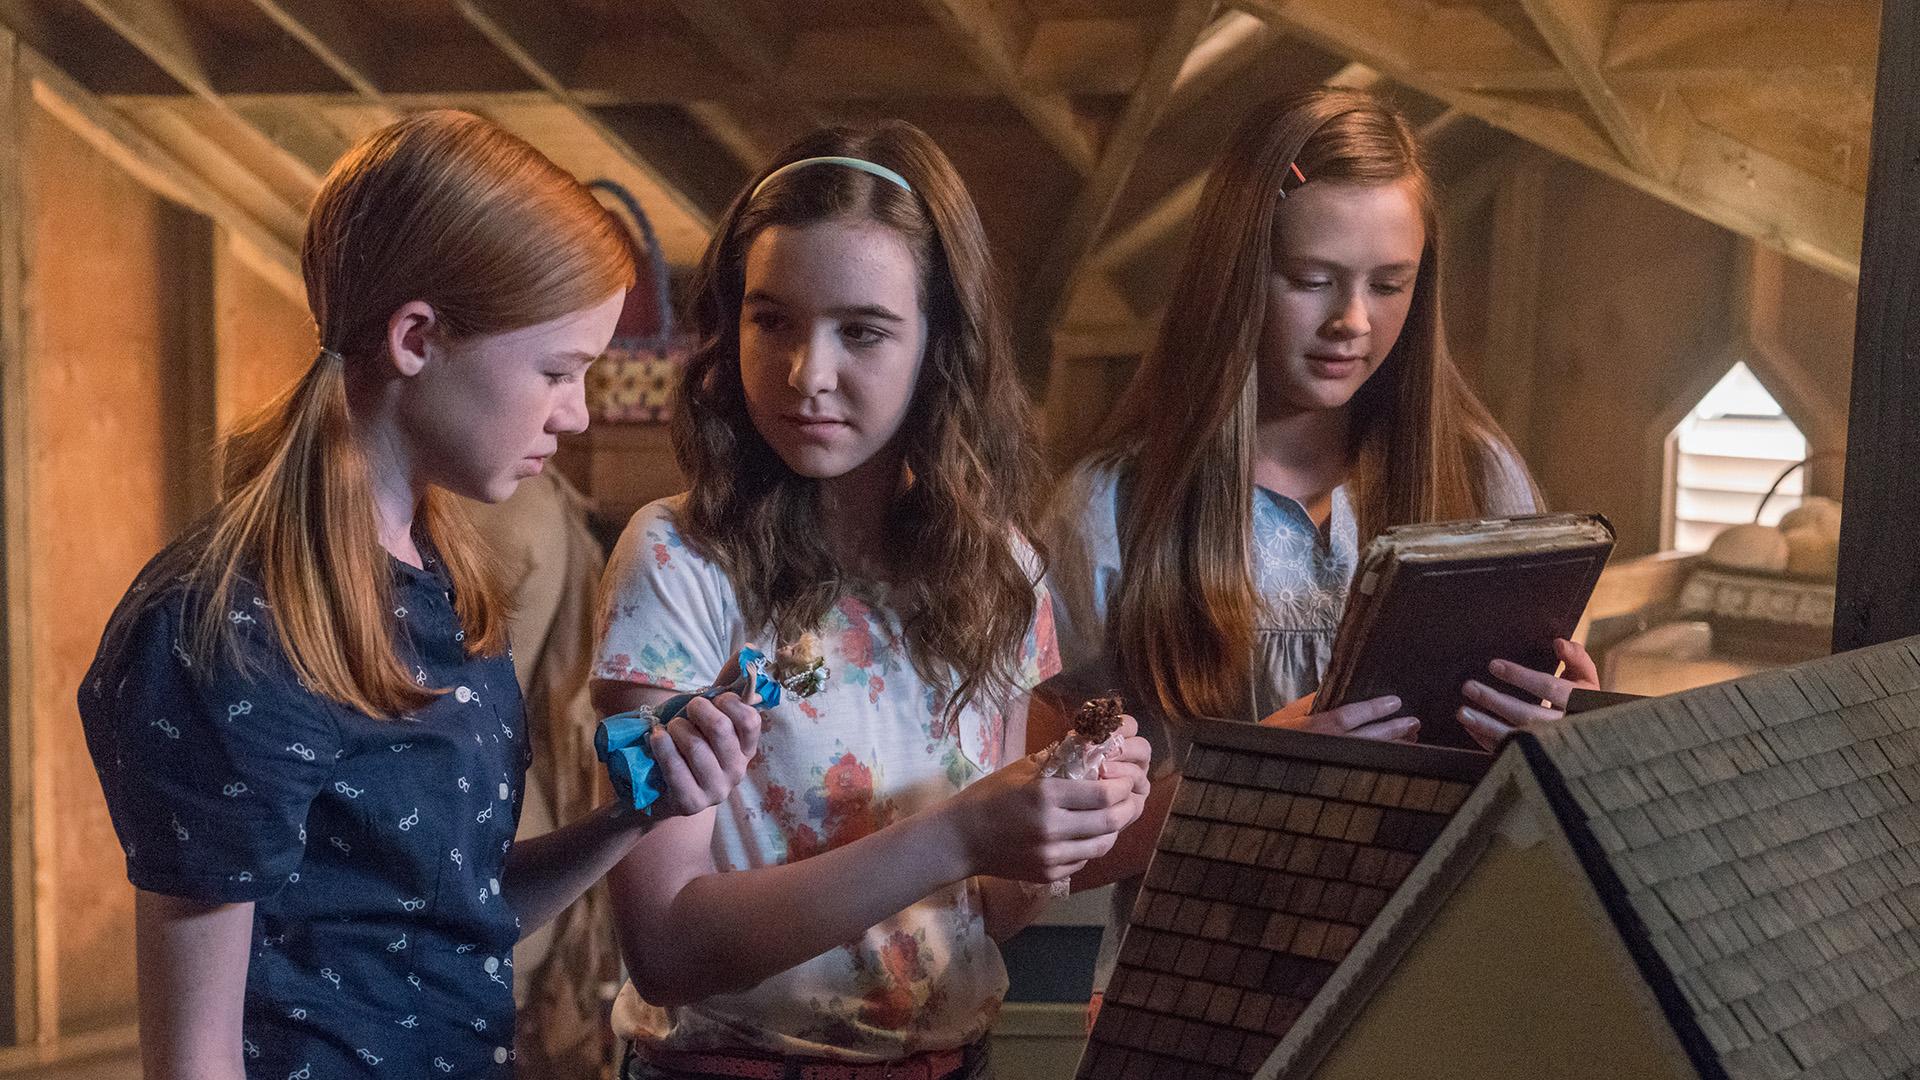 Amazon co uk: Watch Just Add Magic - Season 2, Part 1